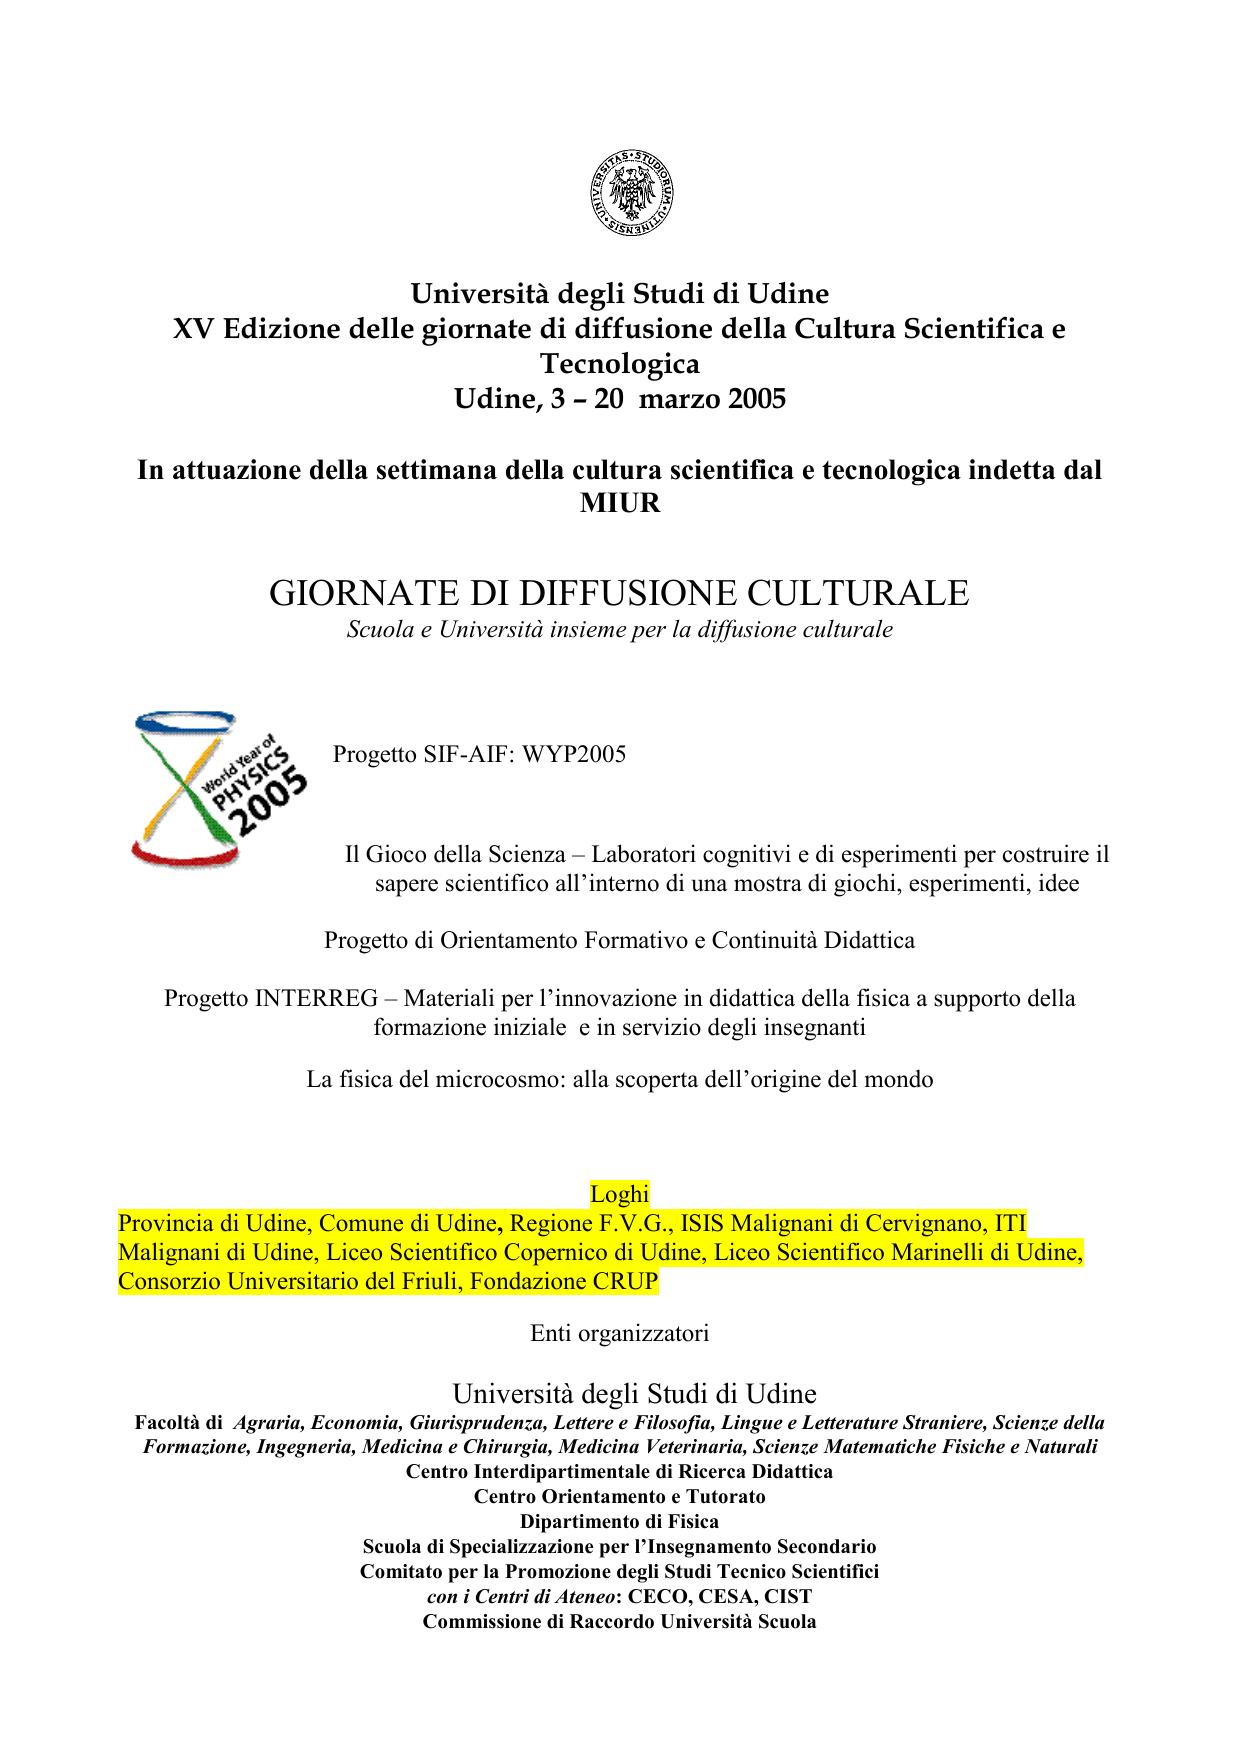 Università degli Studi di Udine XV Edizione delle giornate di